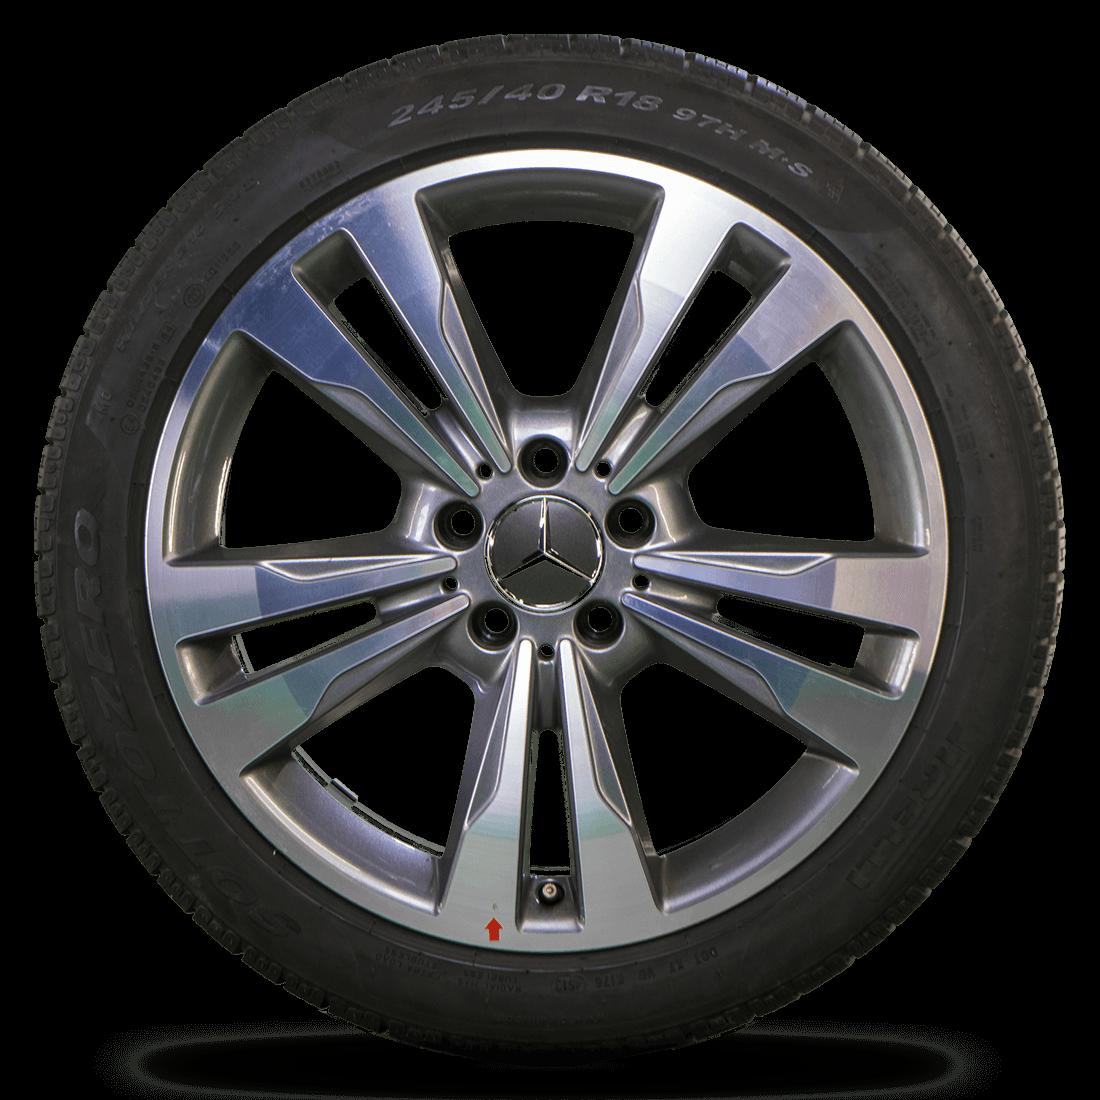 Mercedes 18 Zoll Felgen E-Klasse W212 S212 Alufelgen Winterreifen Winterräder